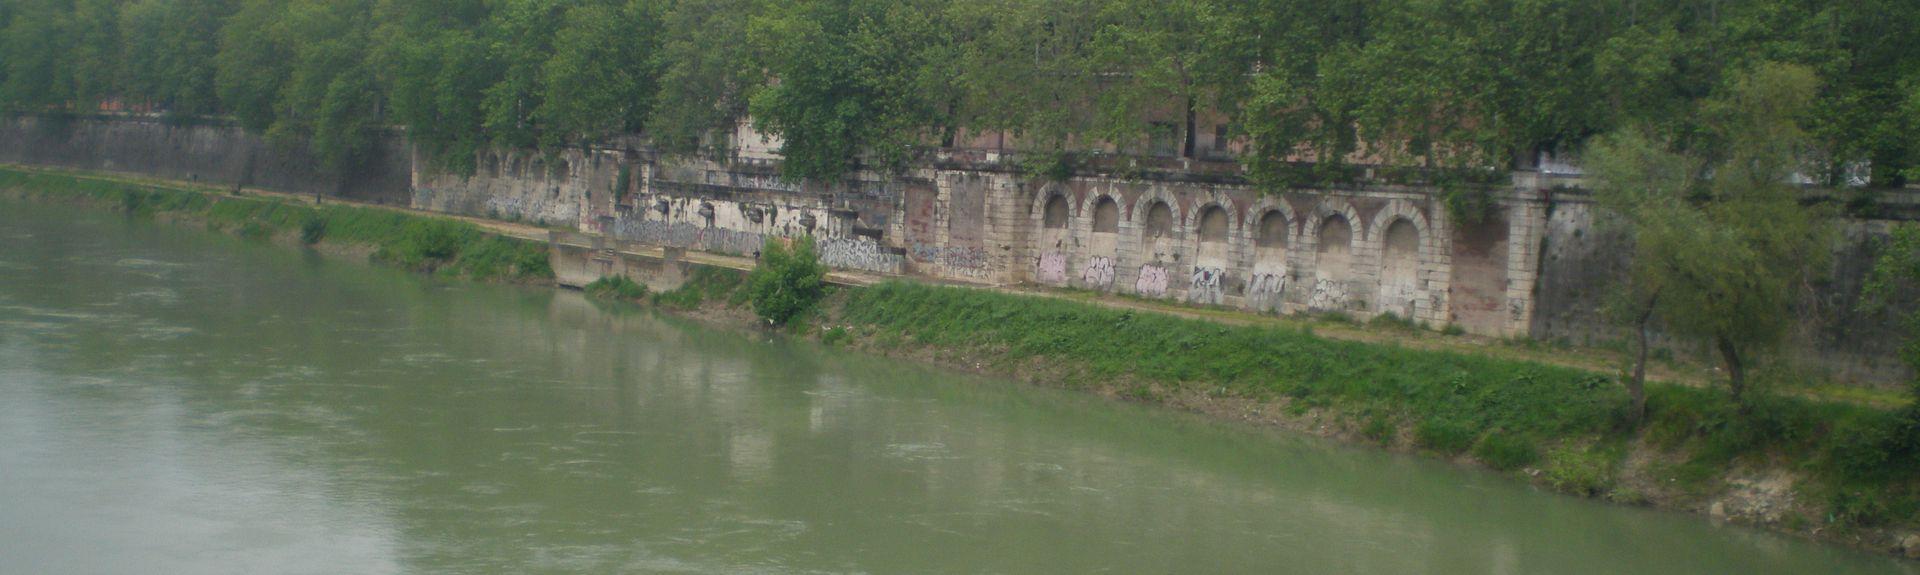 Municipio XI, Rome, Latium, Italie